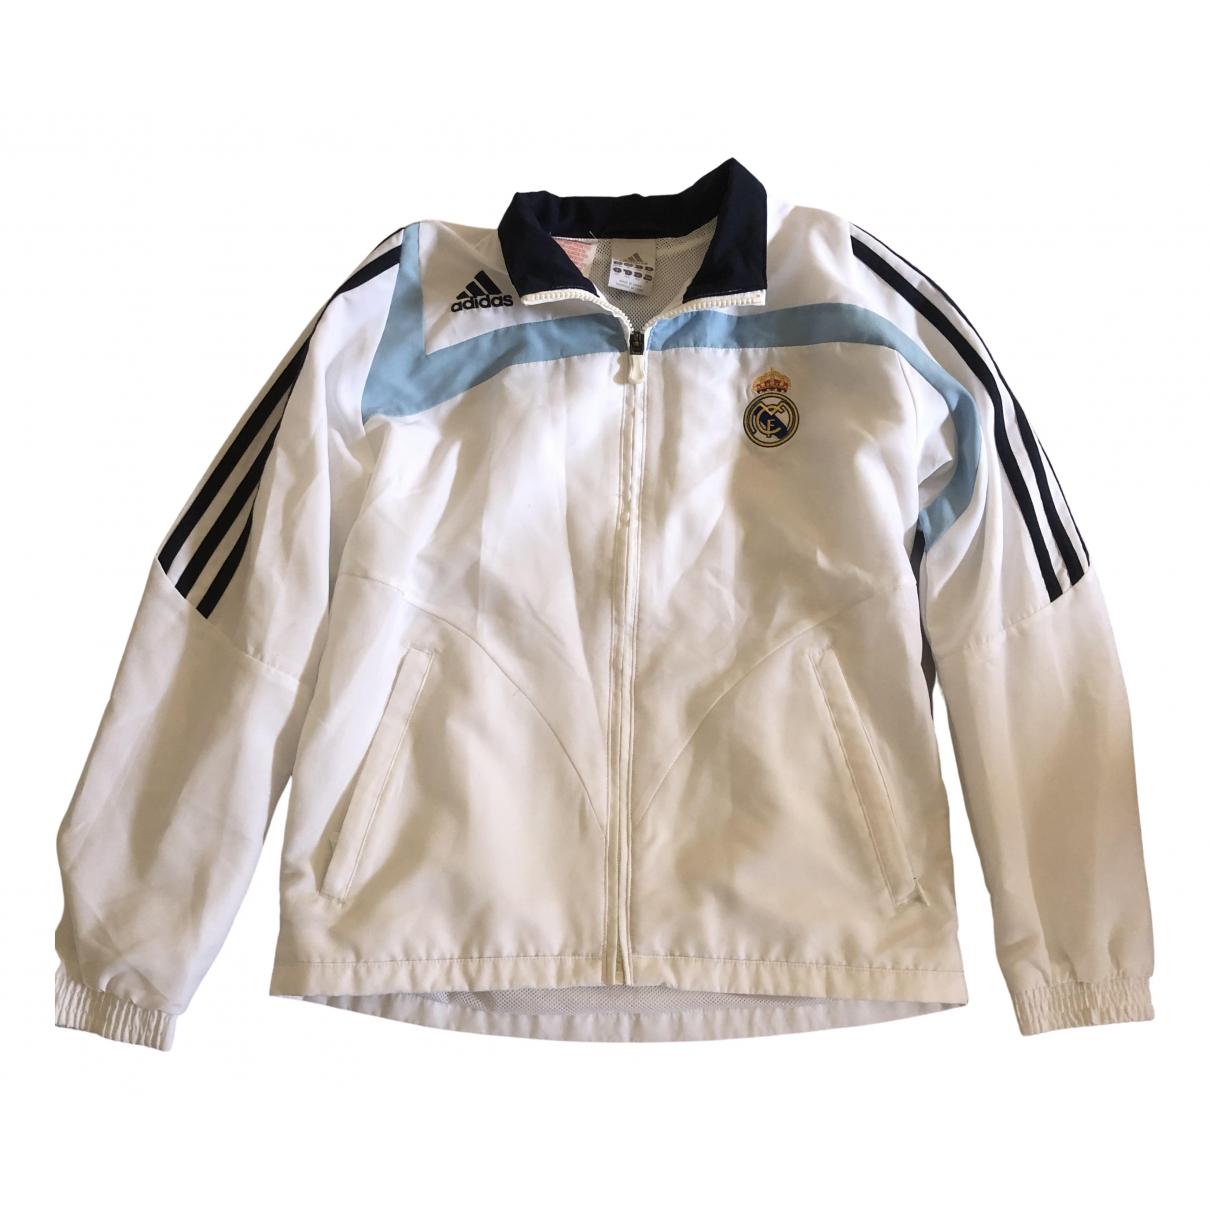 Adidas \N Jacke, Maentel in  Weiss Polyester